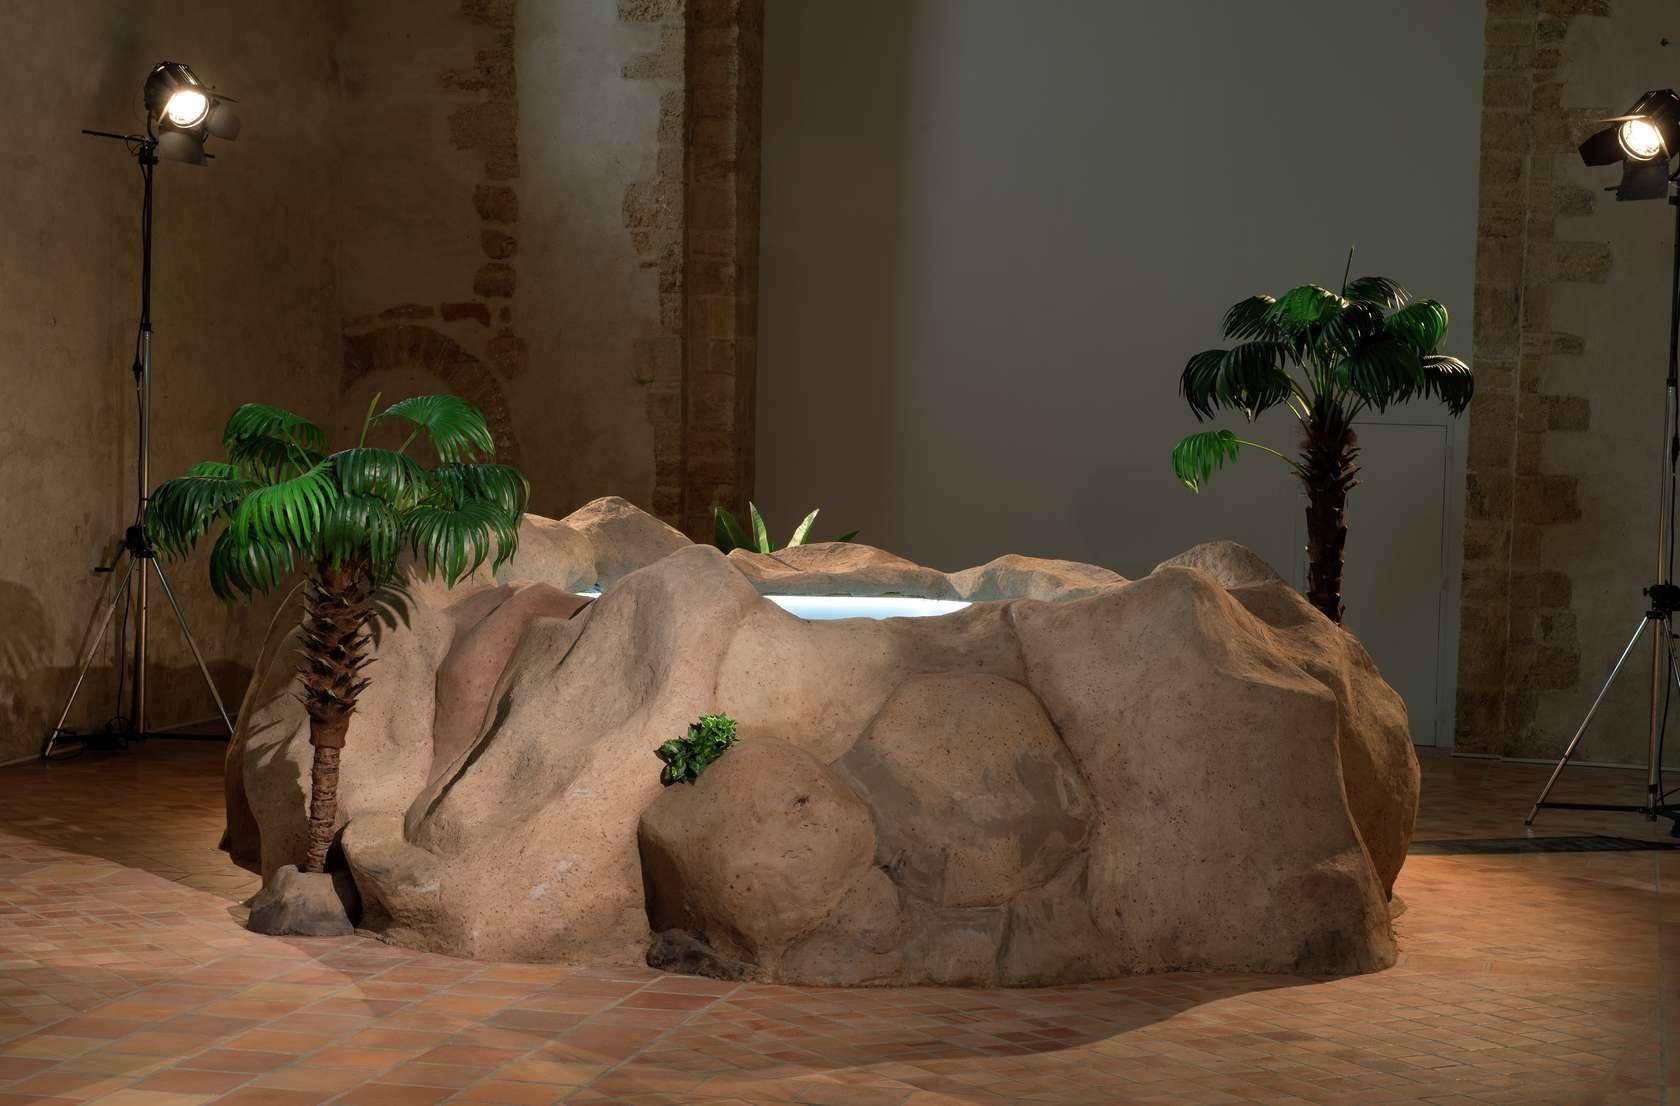 Laurent Le Deunff, Piscine, 2018 Hypertufa, acier, grillage à poule sur piscine hors sol en bois, plantes artificelles et projecteurs280 × 560 cm / 110 2/8 × 220 1/2 in.